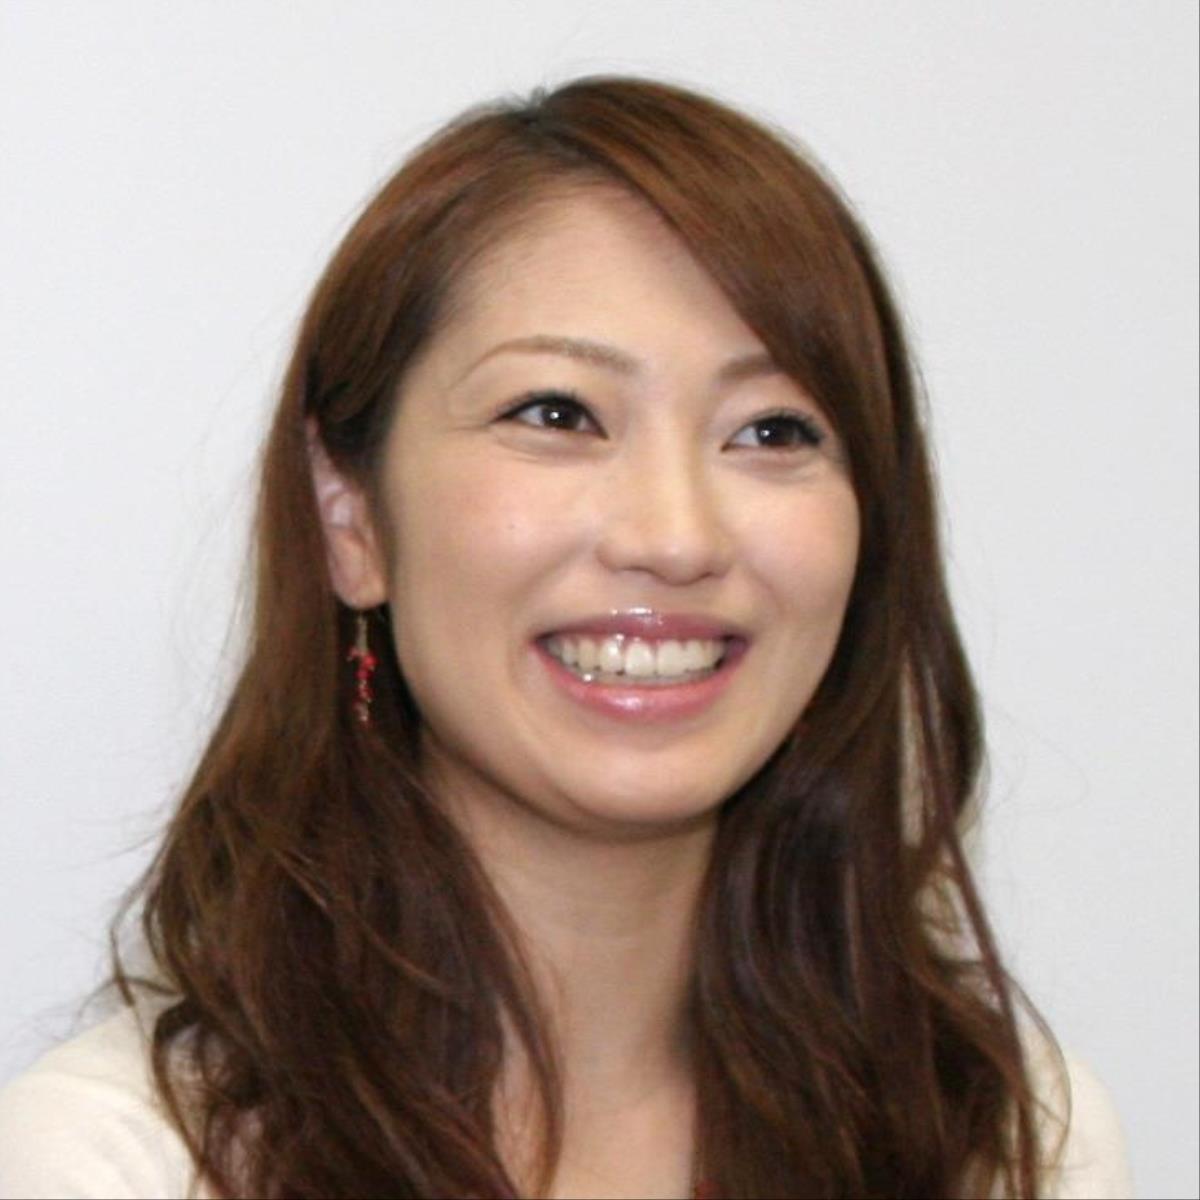 飯田圭織、エビが飛び出す「お節作りました」…「全部手作り凄いです!」のコメントも(スポーツ報知) - Yahoo!ニュース